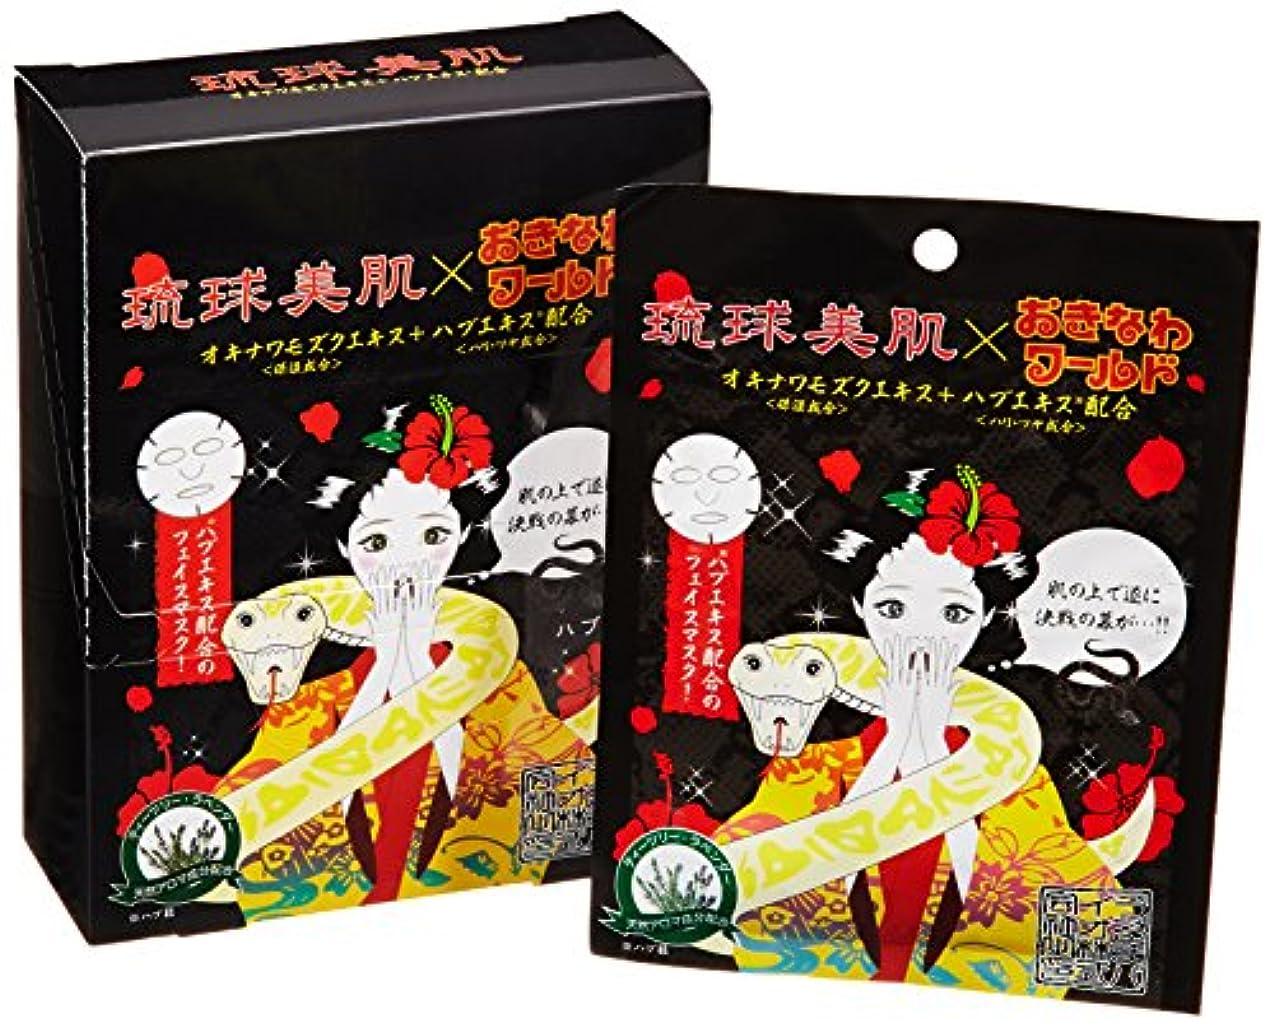 マカダム相関する感覚琉球美肌 フェイスマスクシート(ハブ) 天然由来のティーツリー&ラベンダーの香り 10枚セット